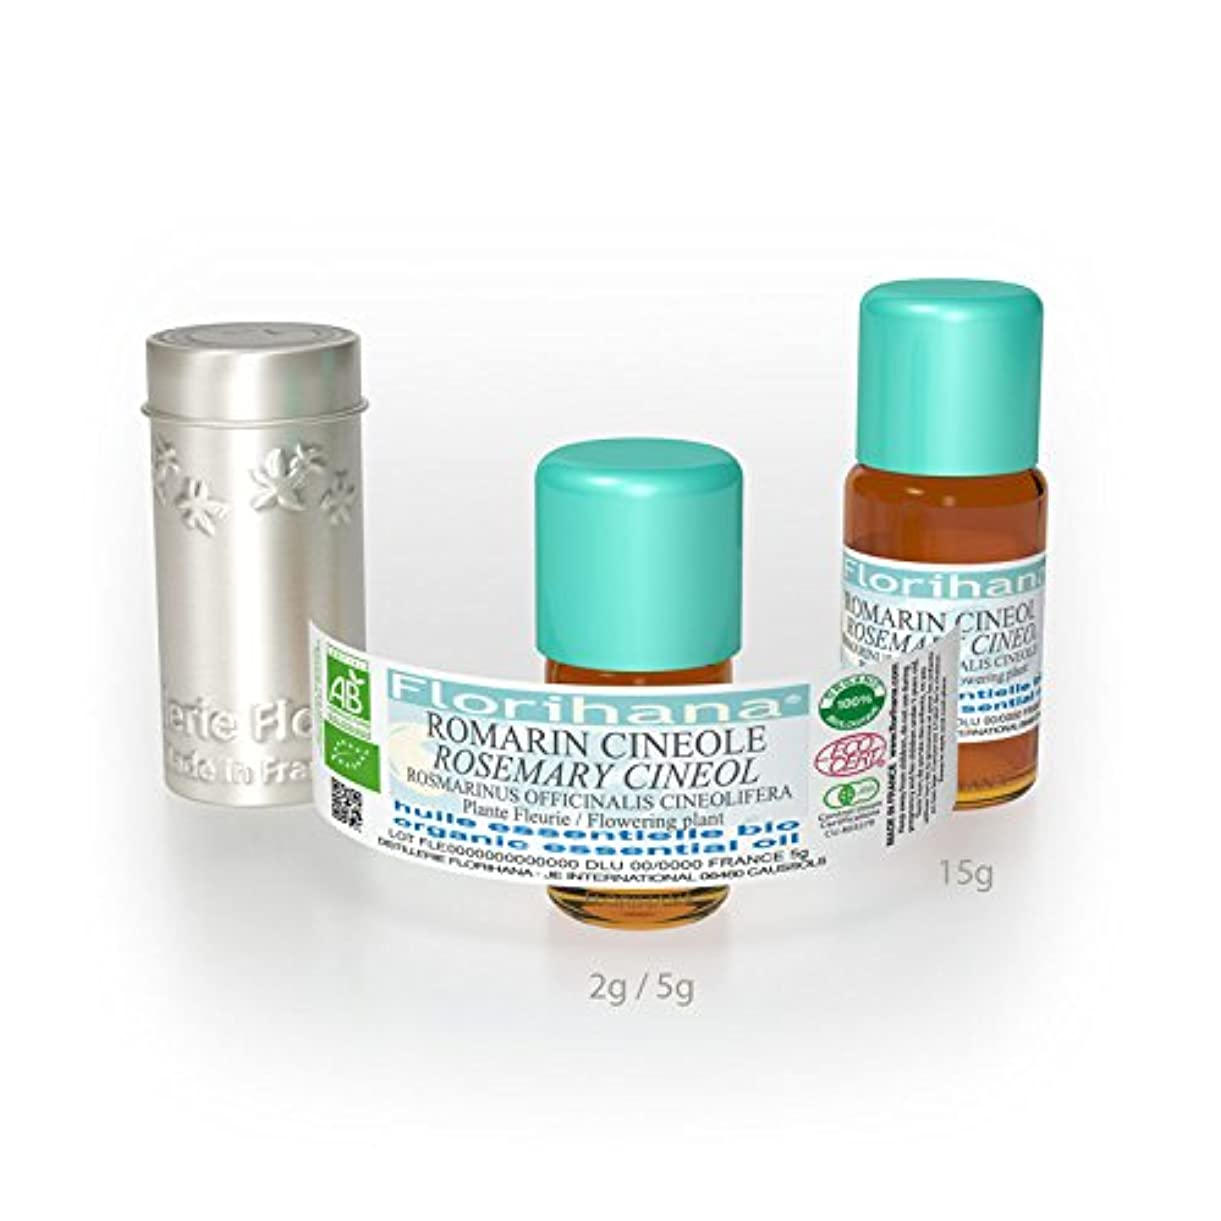 クロニクル調和症状Florihana オーガニックエッセンシャルオイル ローズマリー1.8シネオール 5g(5.5ml)